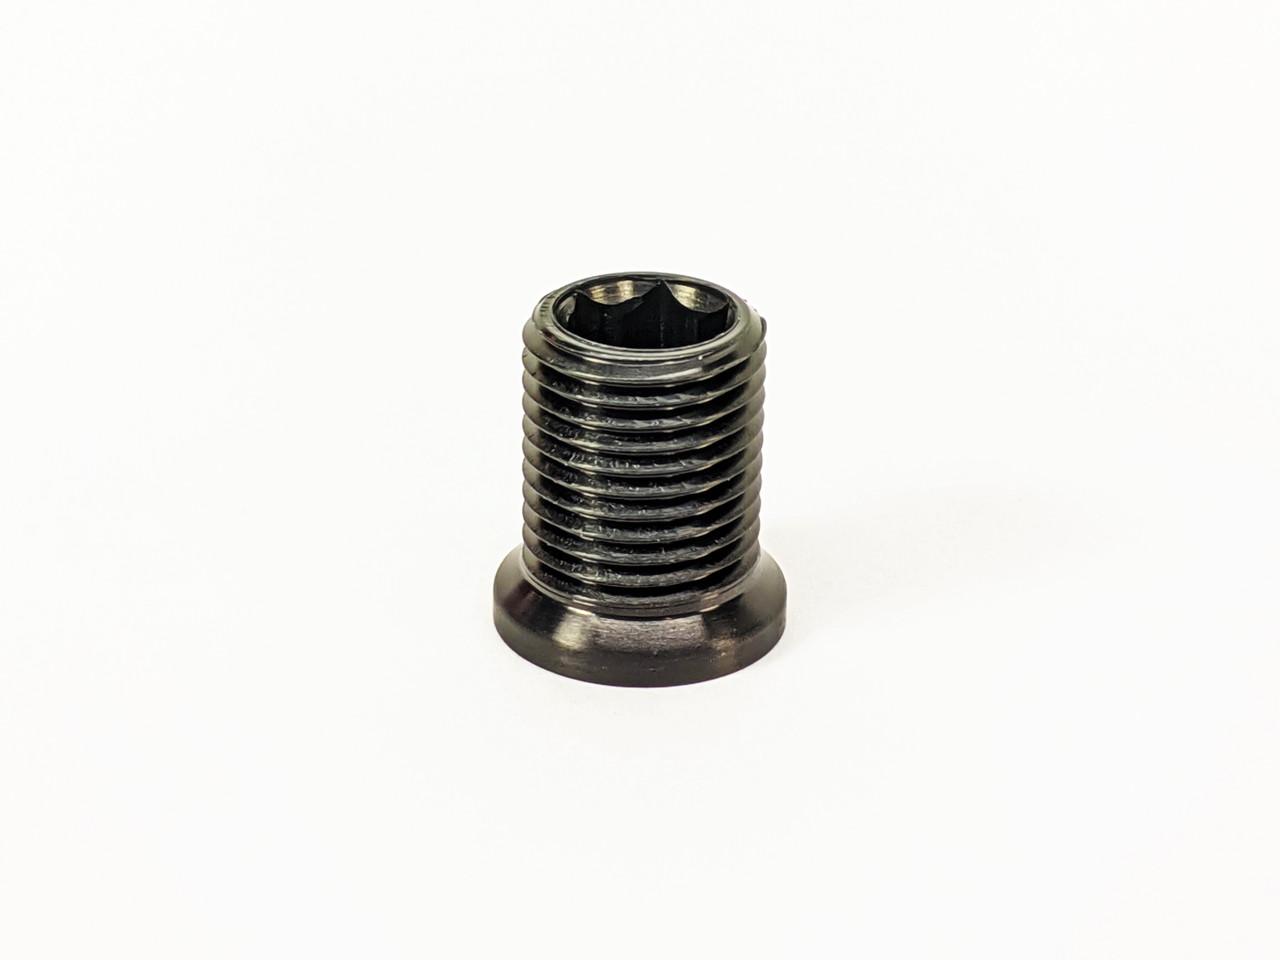 """Idler Main Bracket Adjustable Spacer (.700"""" OAL - TFX) DMPE 200-025-99-1377"""